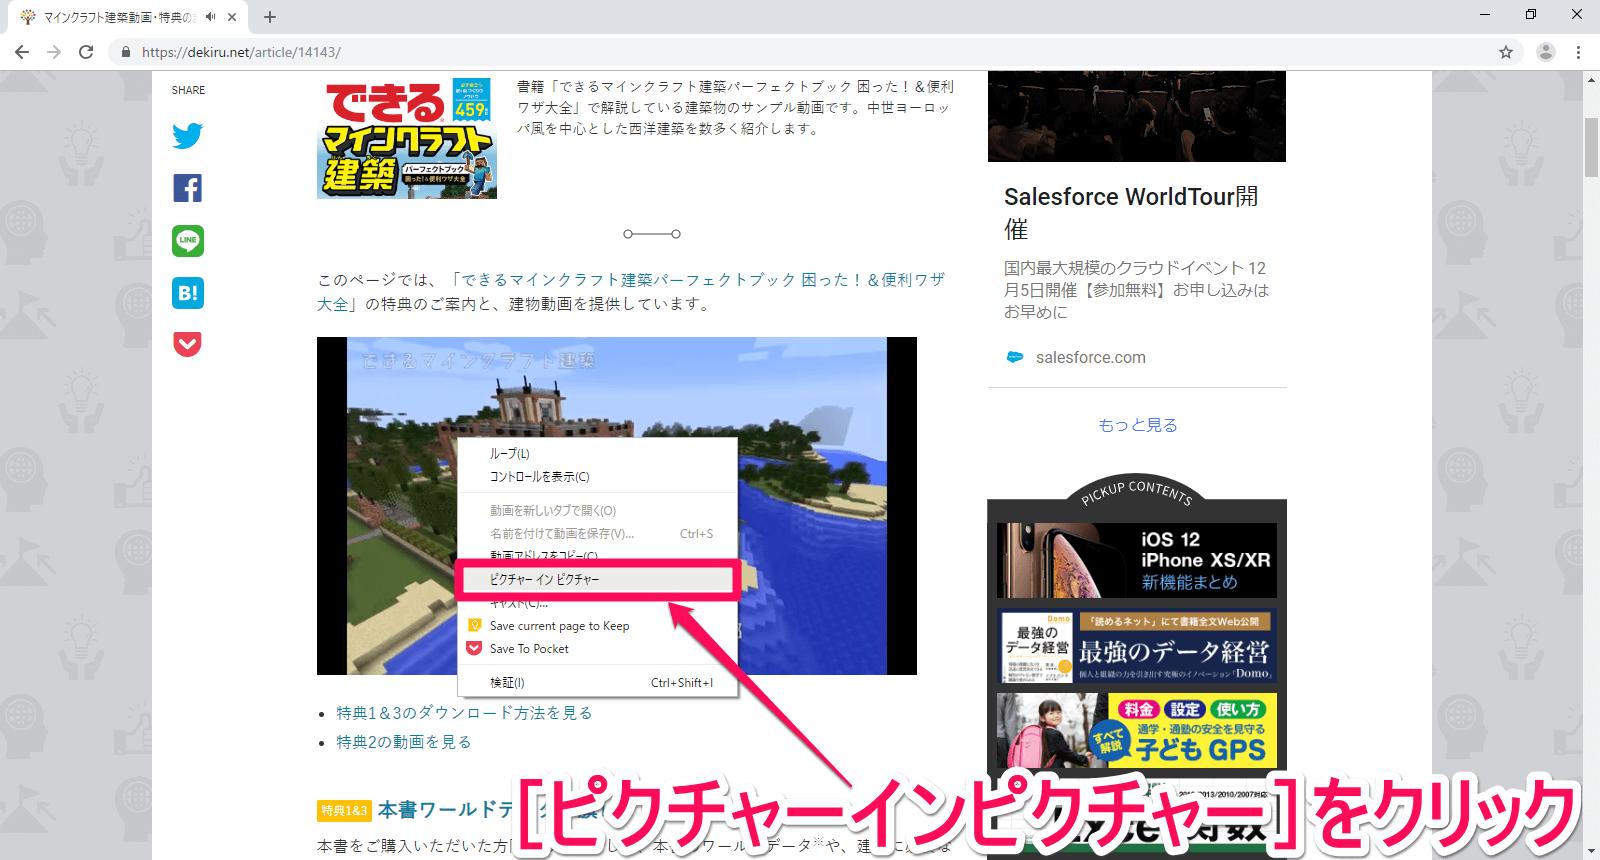 ブラウザー(Chrome、クローム)で再生中の動画を右クリックする画面